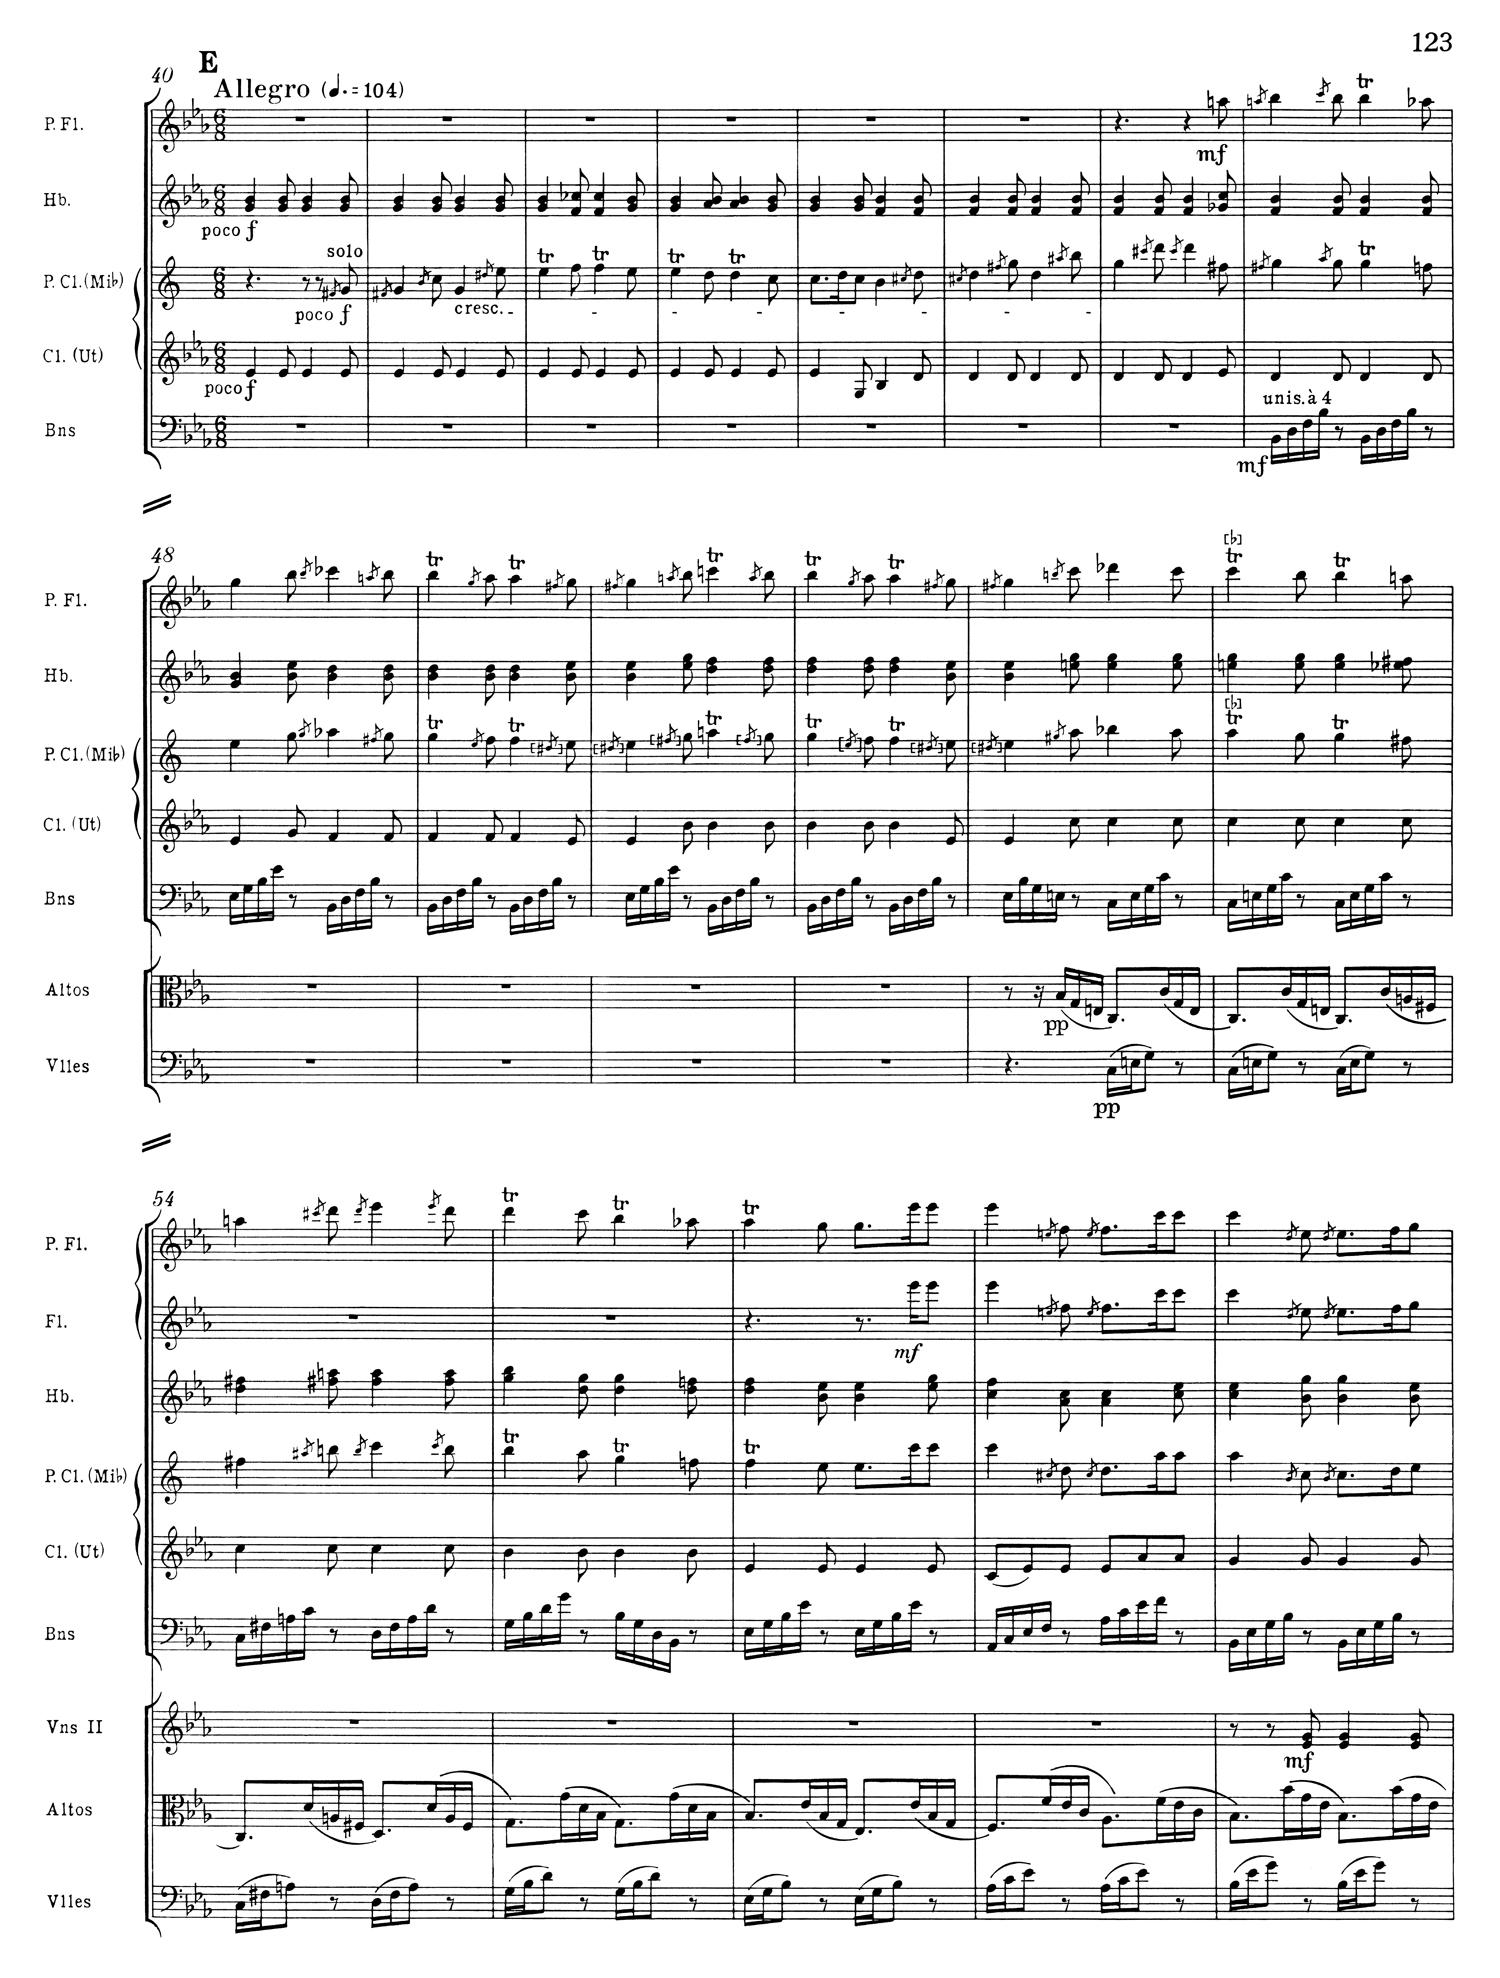 Berlioz Mvt 5 Score 1.jpg